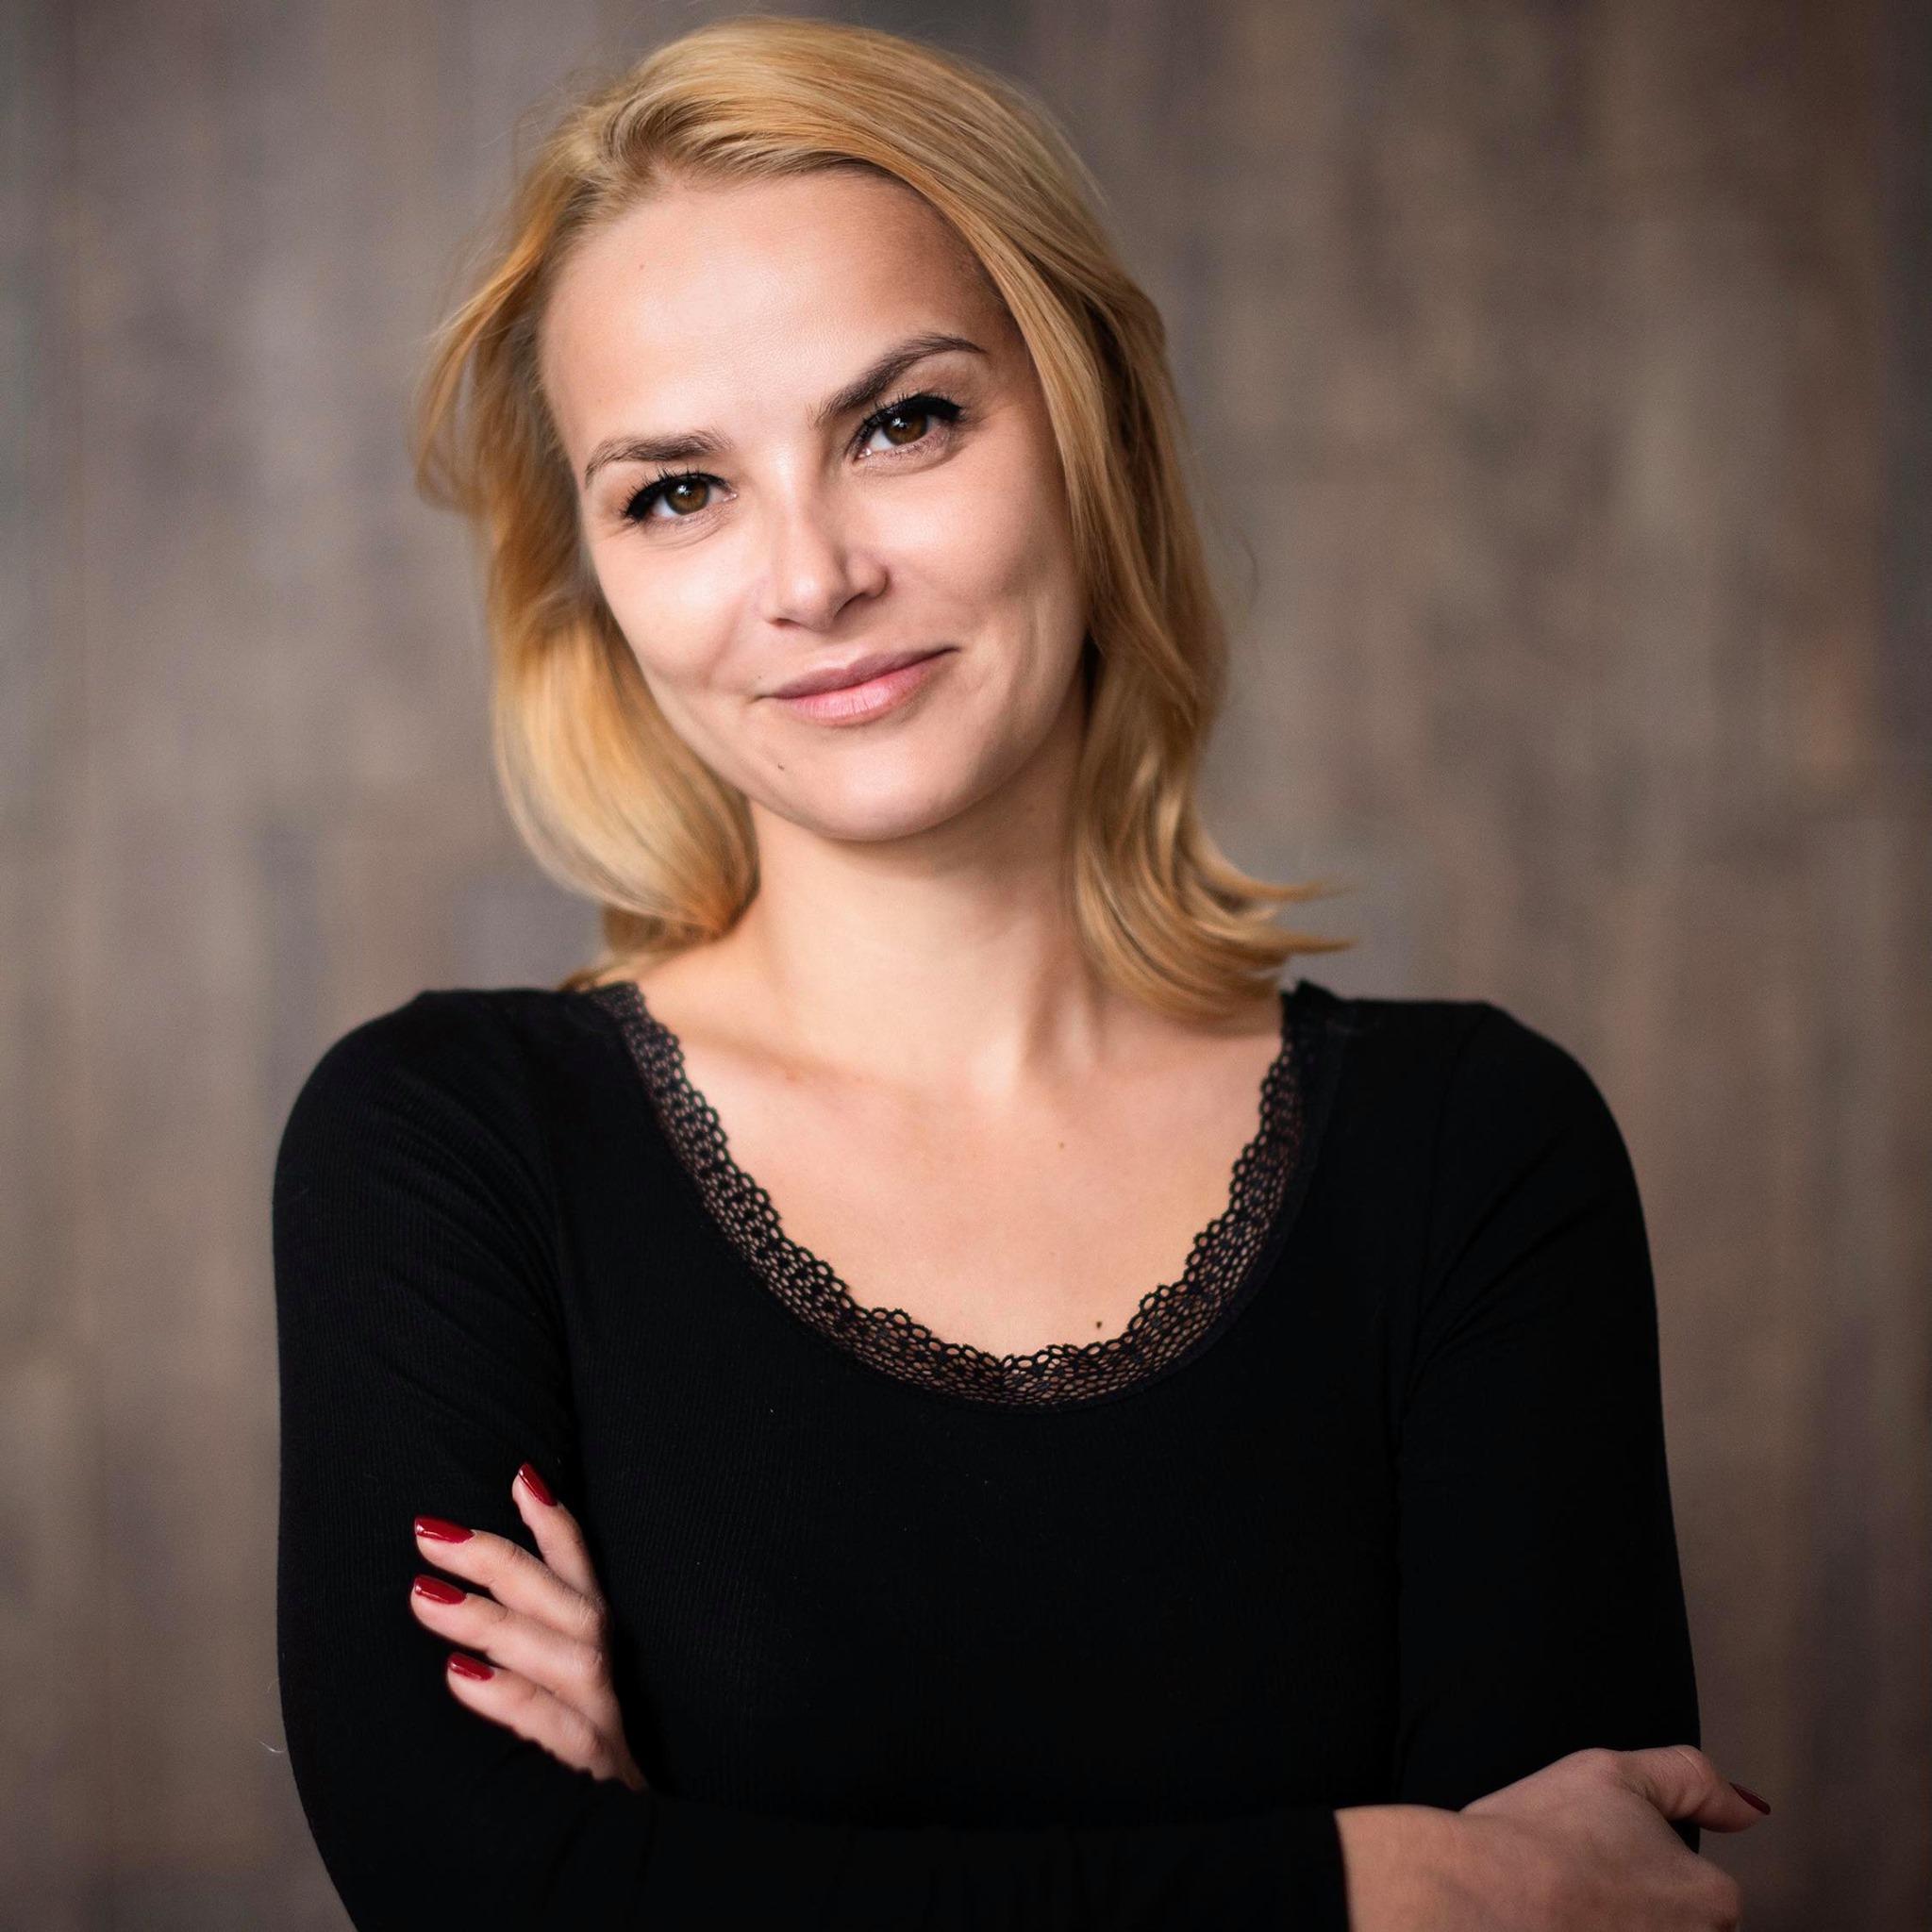 Bucureștiul are un nou prefect. Cine este Alexandra Georgiana Văcaru